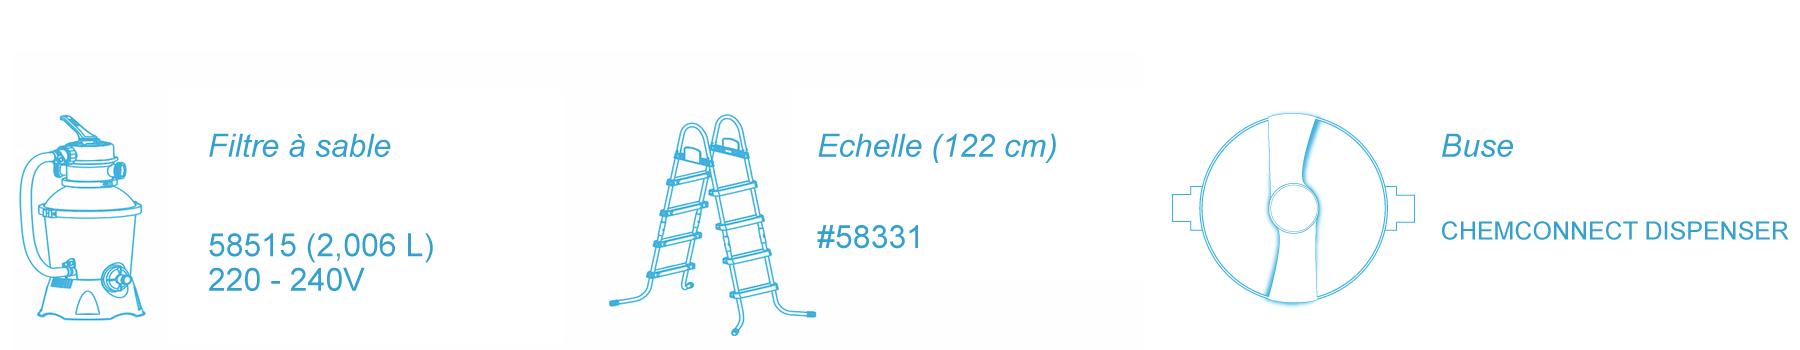 Piscine Tubulaire Bestway 4 12m X 2 01m X 1 22m Filtre Sable